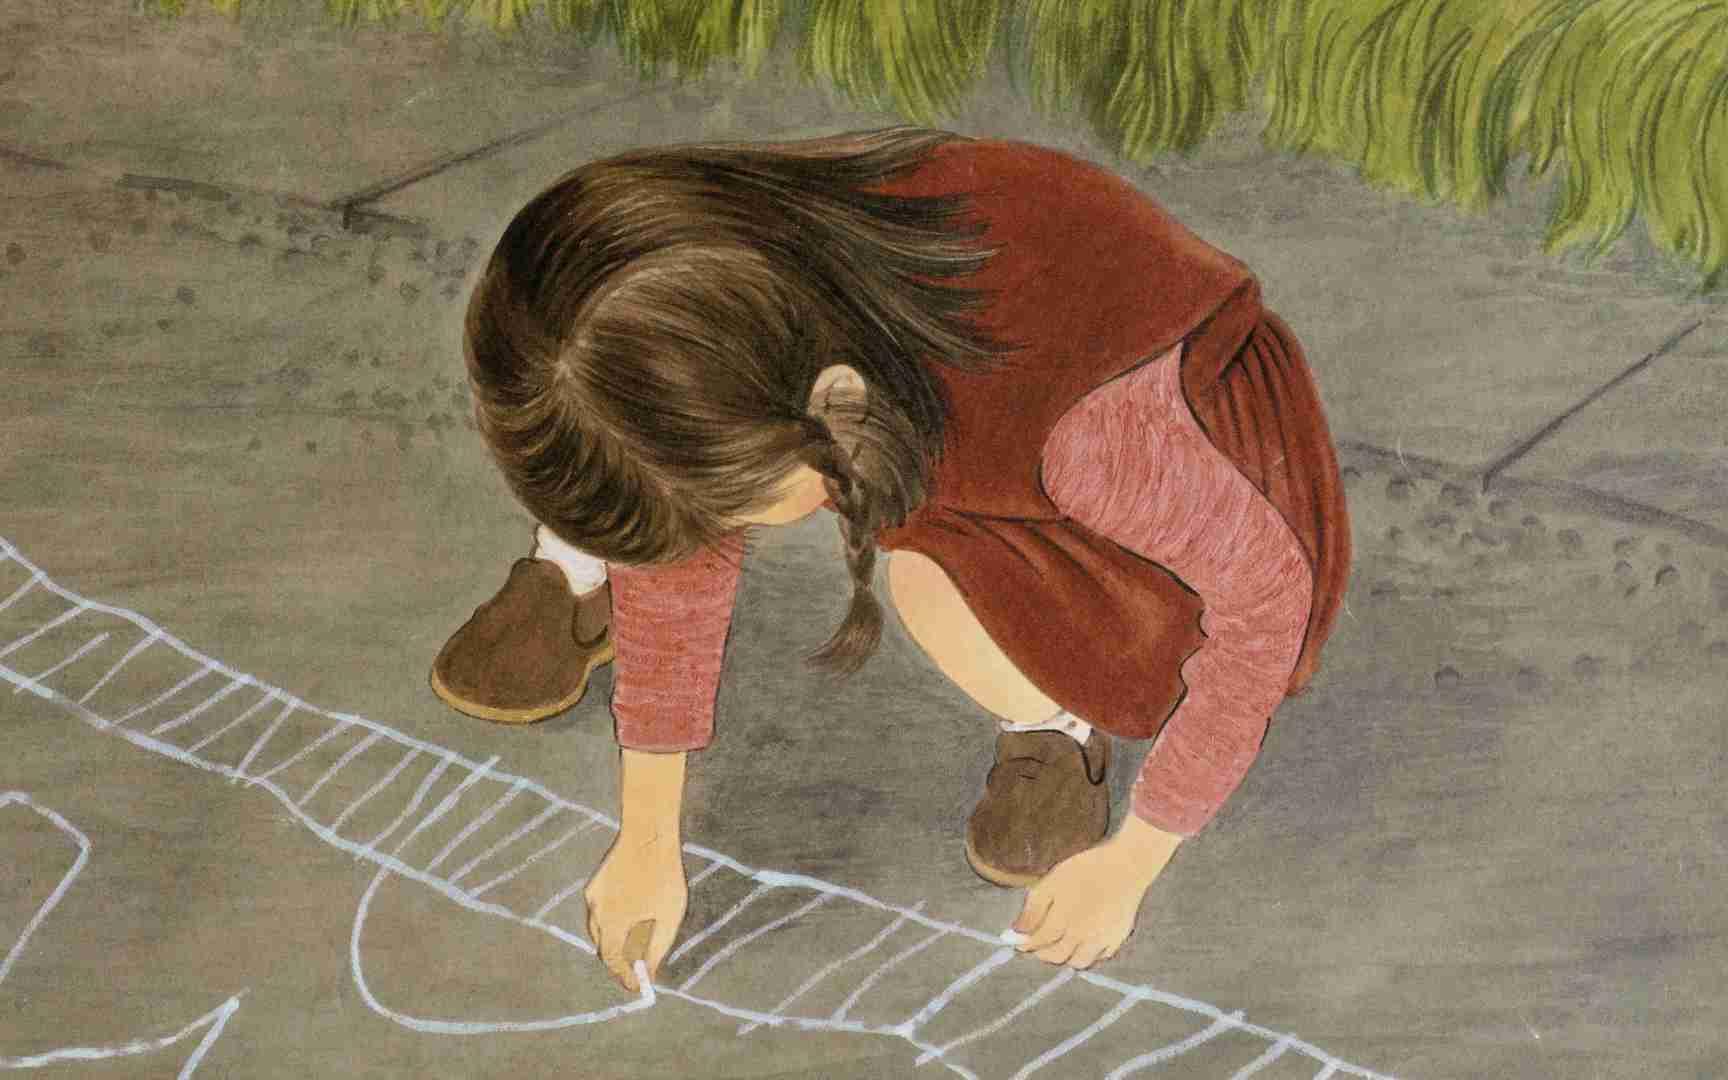 子供の頃にやってたヤバい遊び